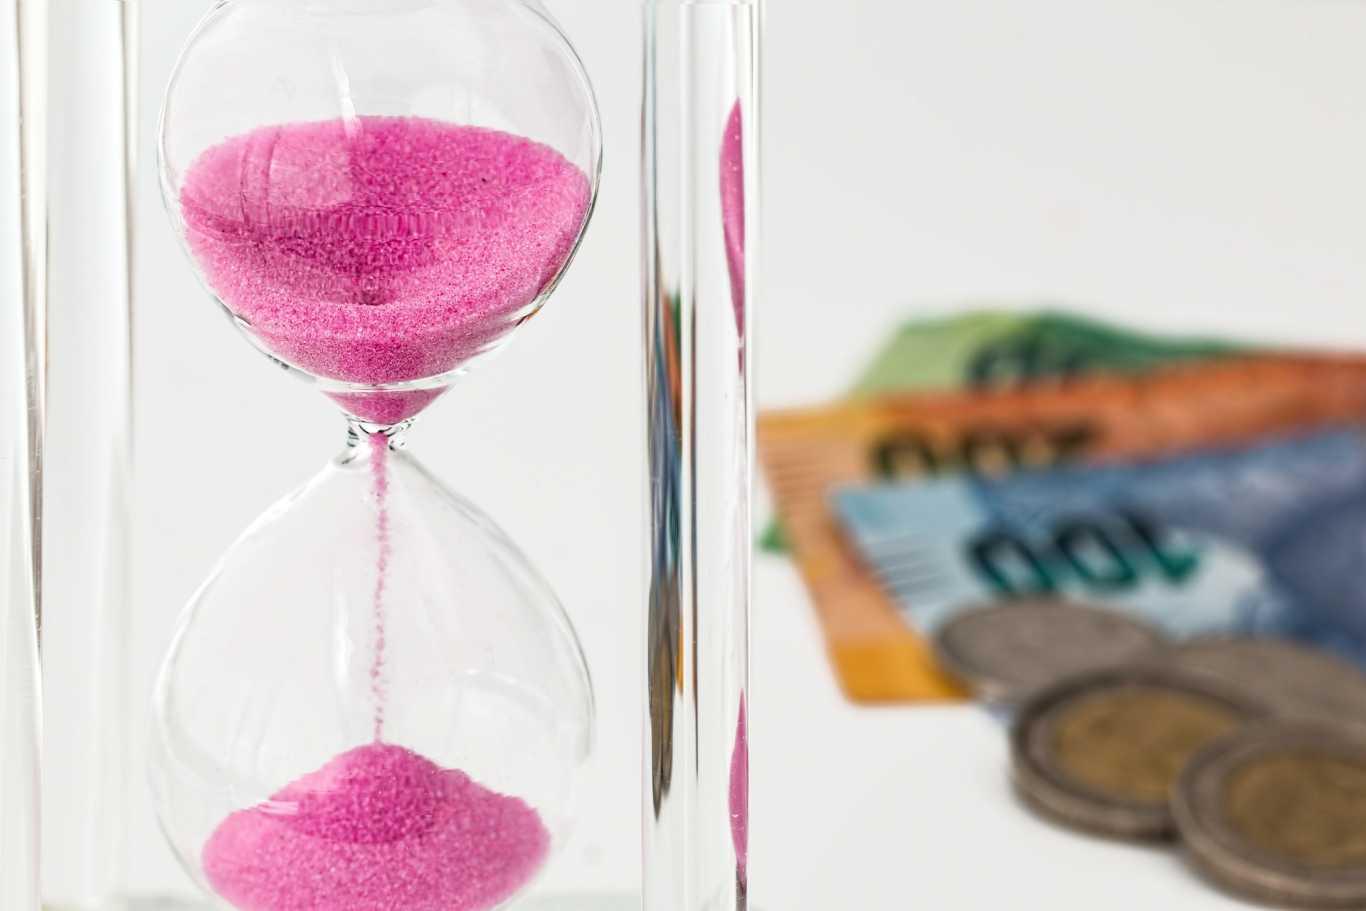 Dépôts et paiements dans les paris en ligne